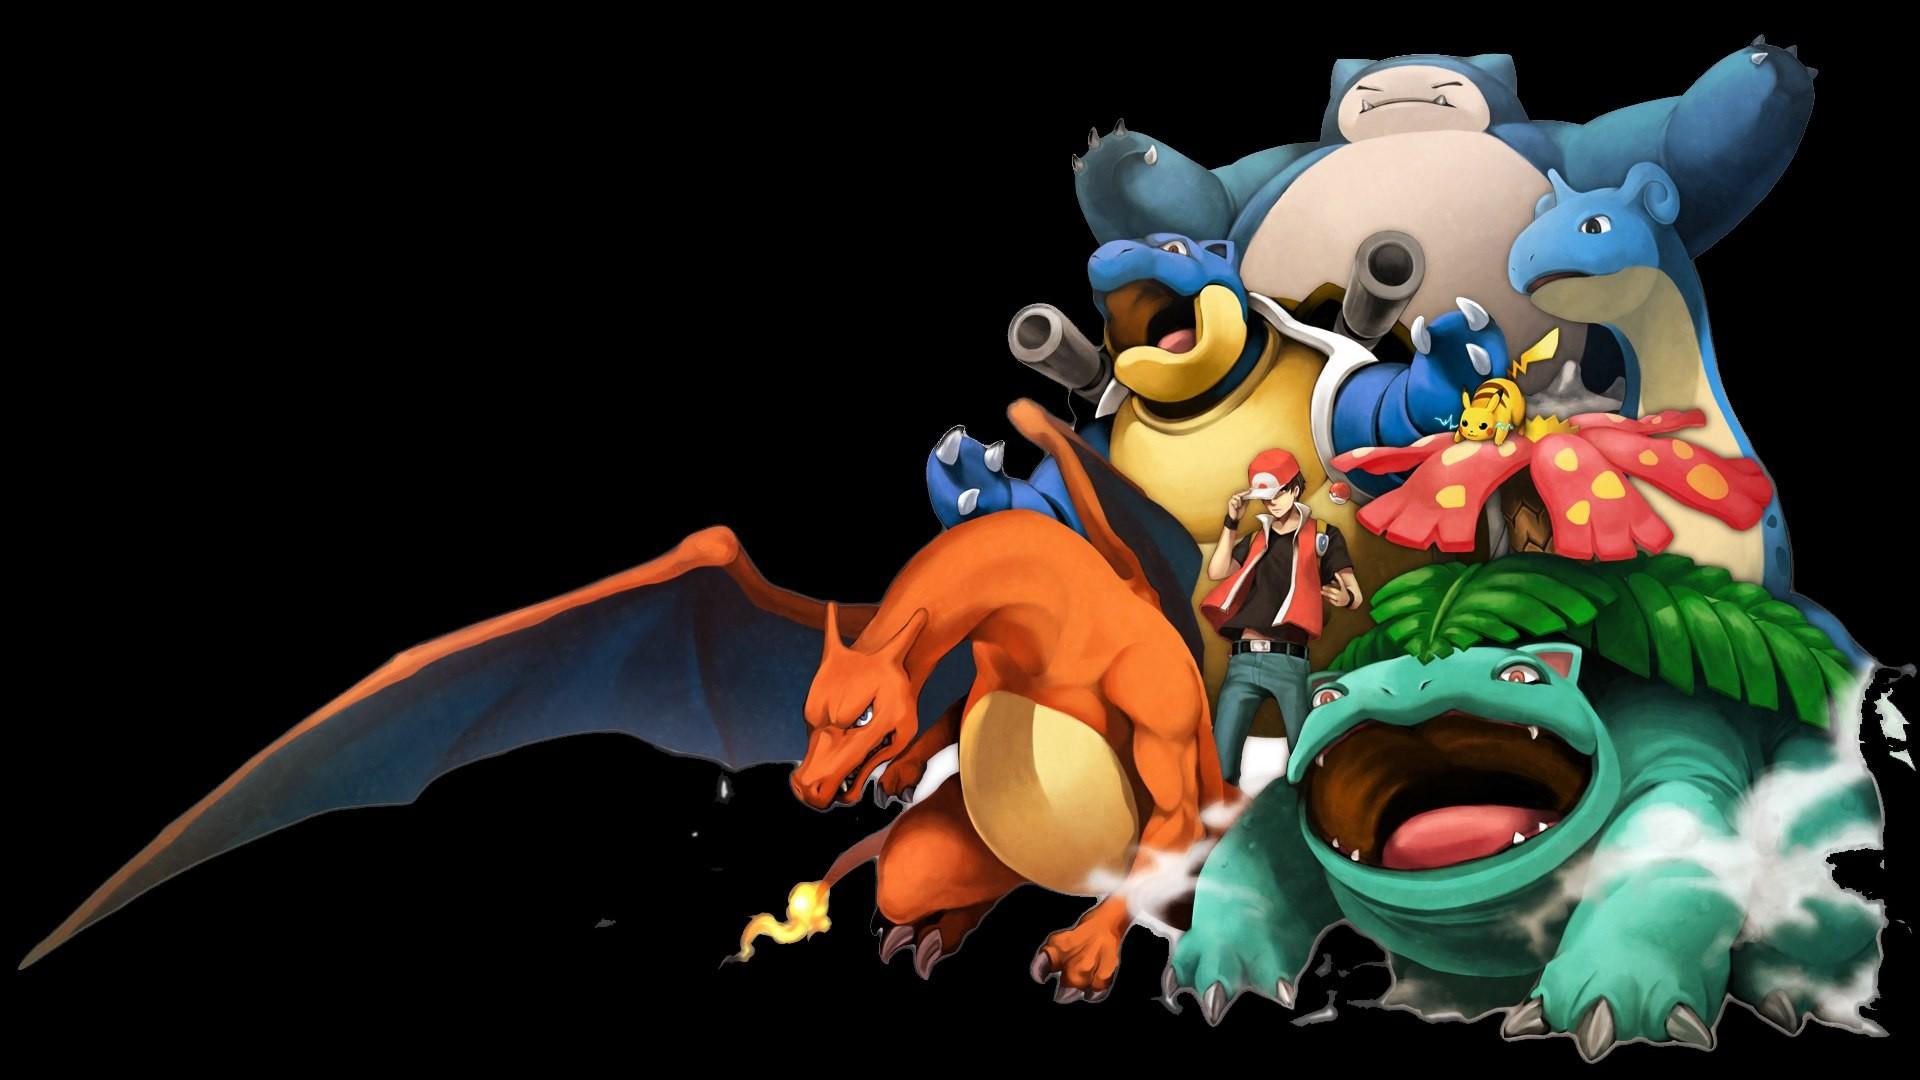 Pokemon Wallpaper, Download Pokemon HD Wallpapers for Free 750×1333 Pokemon  Wallpapers (43 Wallpapers) | Adorable Wallpapers | Wallpapers | Pinterest  …